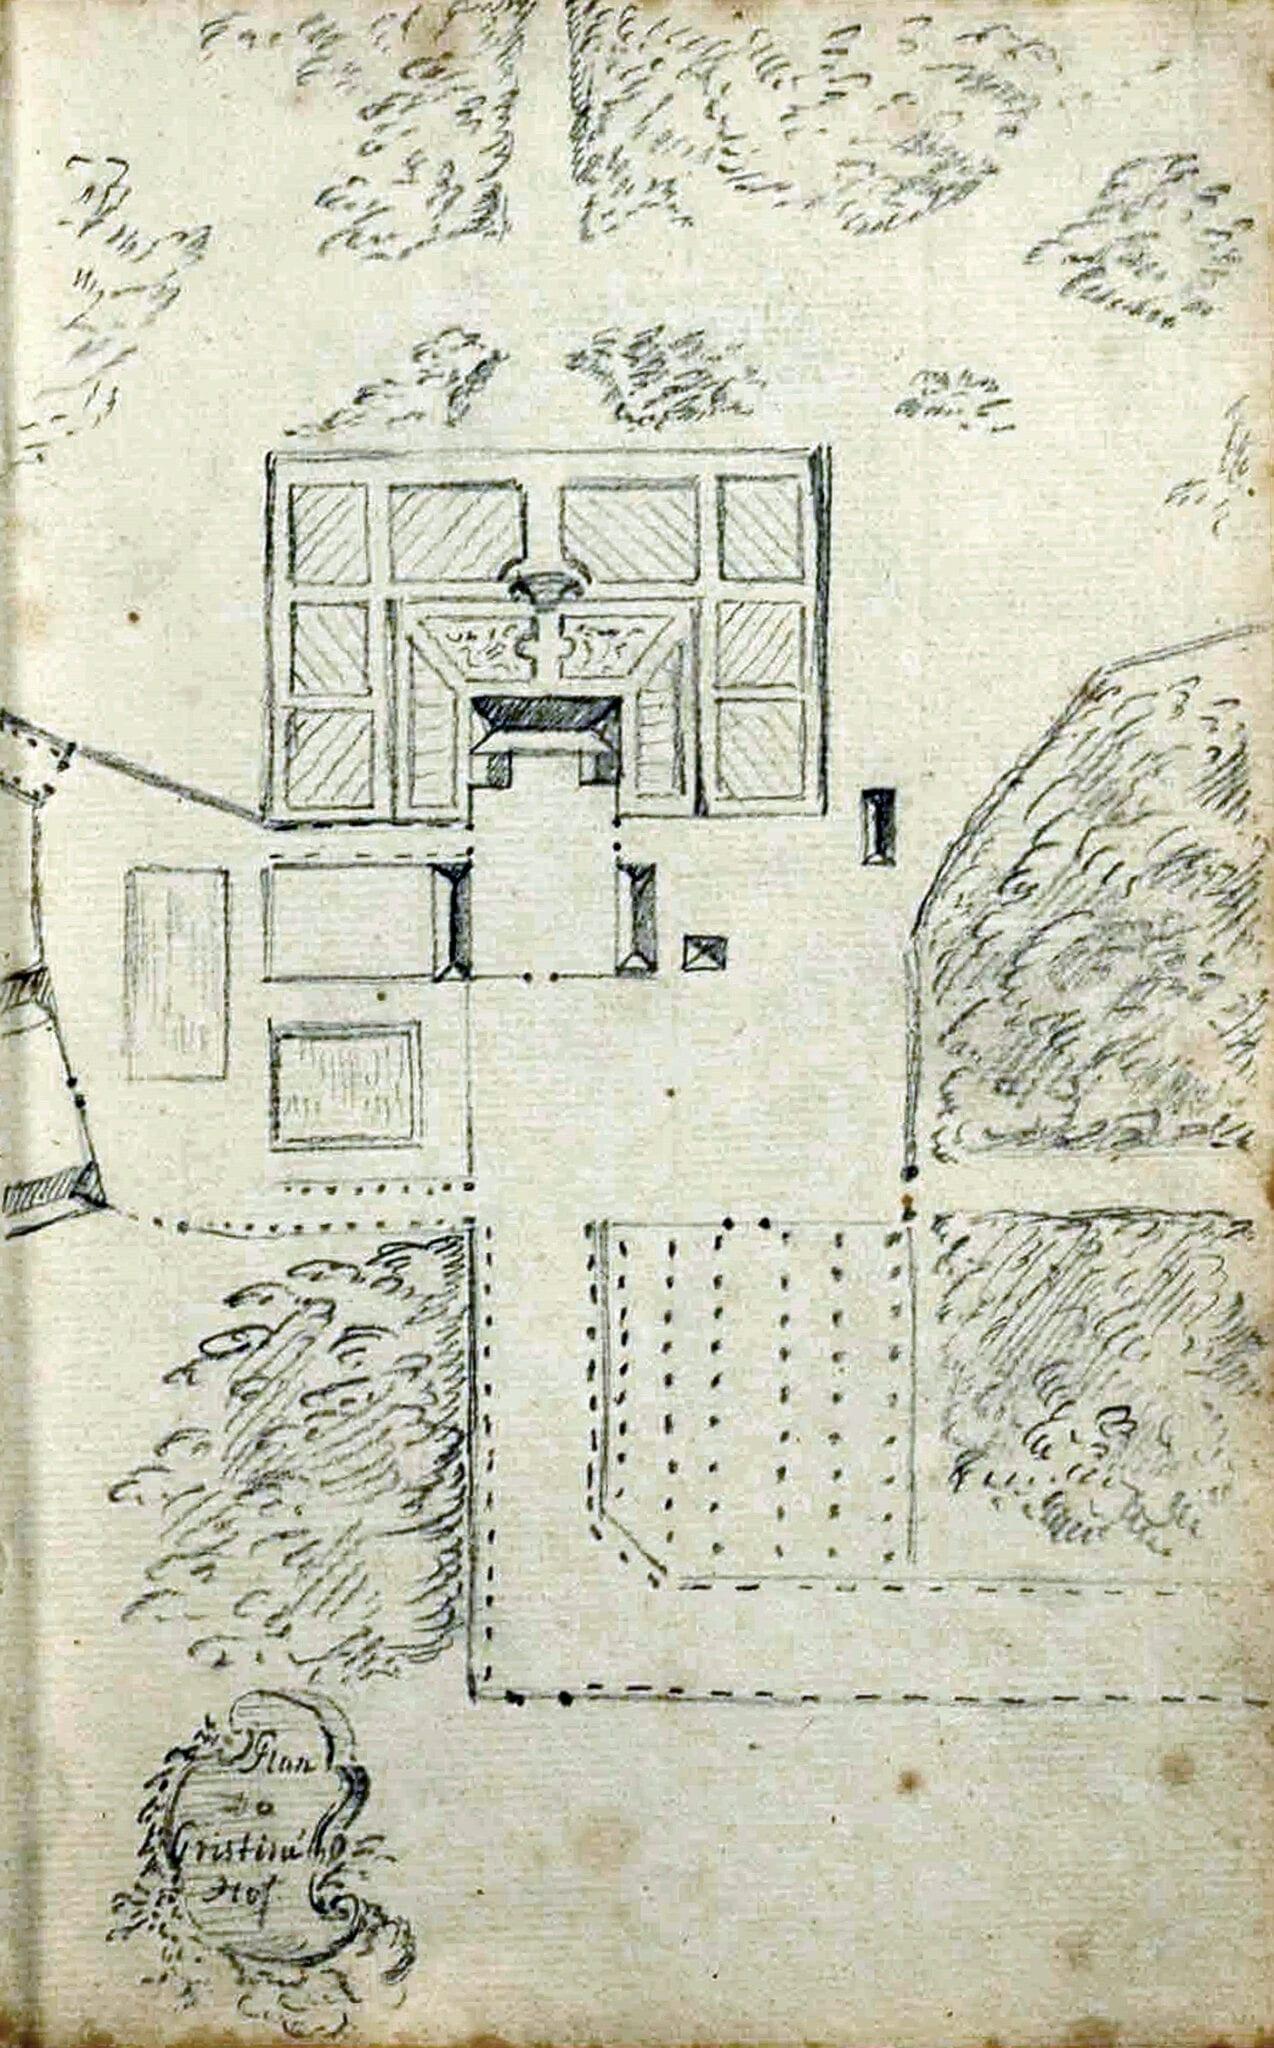 1767. Den tidigaste ritningen av Christinehofs trädgård gjordes av Adolf Fredrik Barnekow ca 1767, alltså 15 år efter Christina Pipers död. Det är Barnekows skissartade ritning som ligger till grund för vandringen Upplev Christinehofs historiska trädgård.